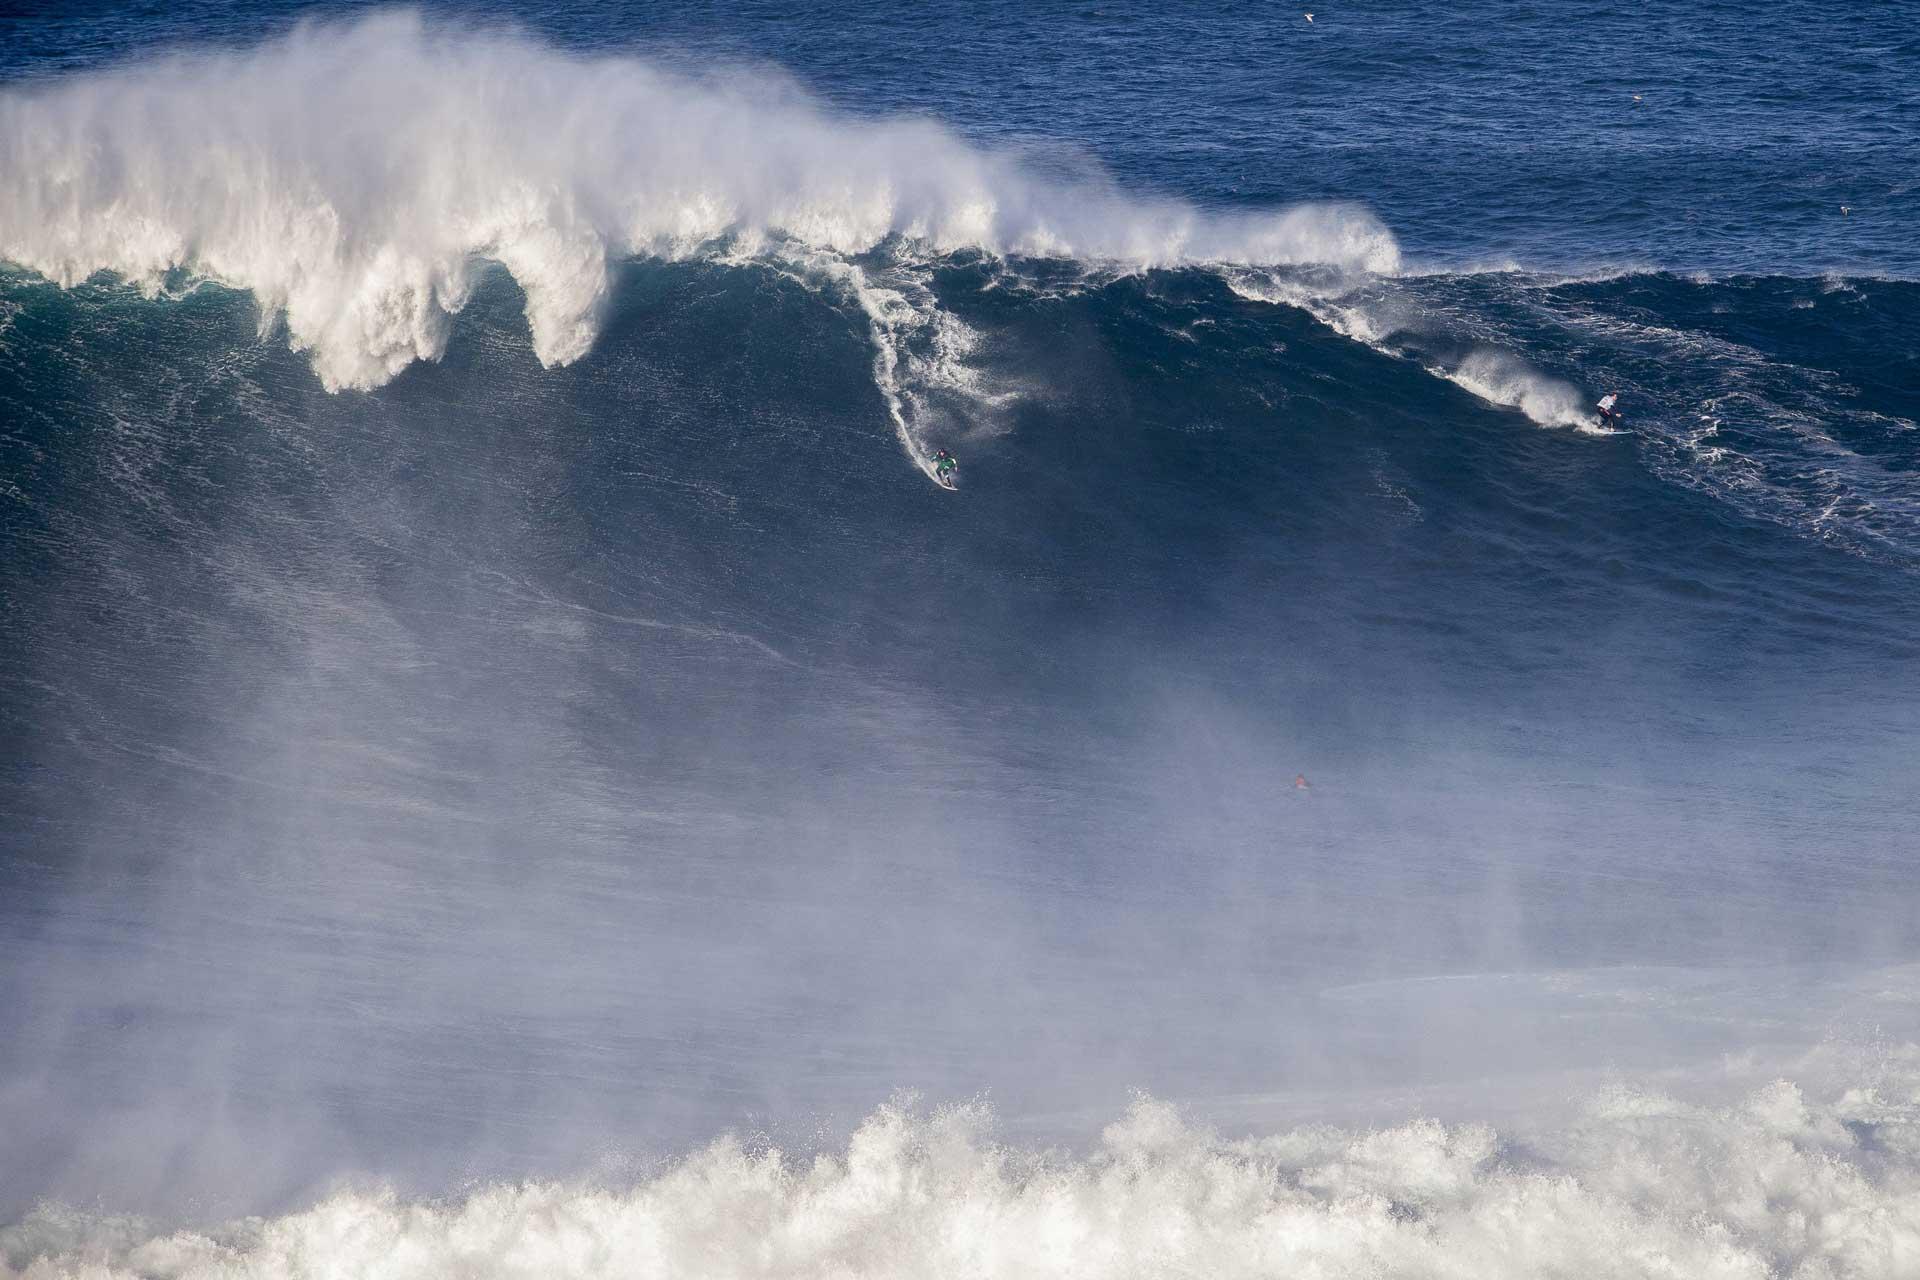 Wie hoch ist diese Welle? Gar nicht so leicht zu sagen, oder? Credit: Hugo Silva / Red Bull